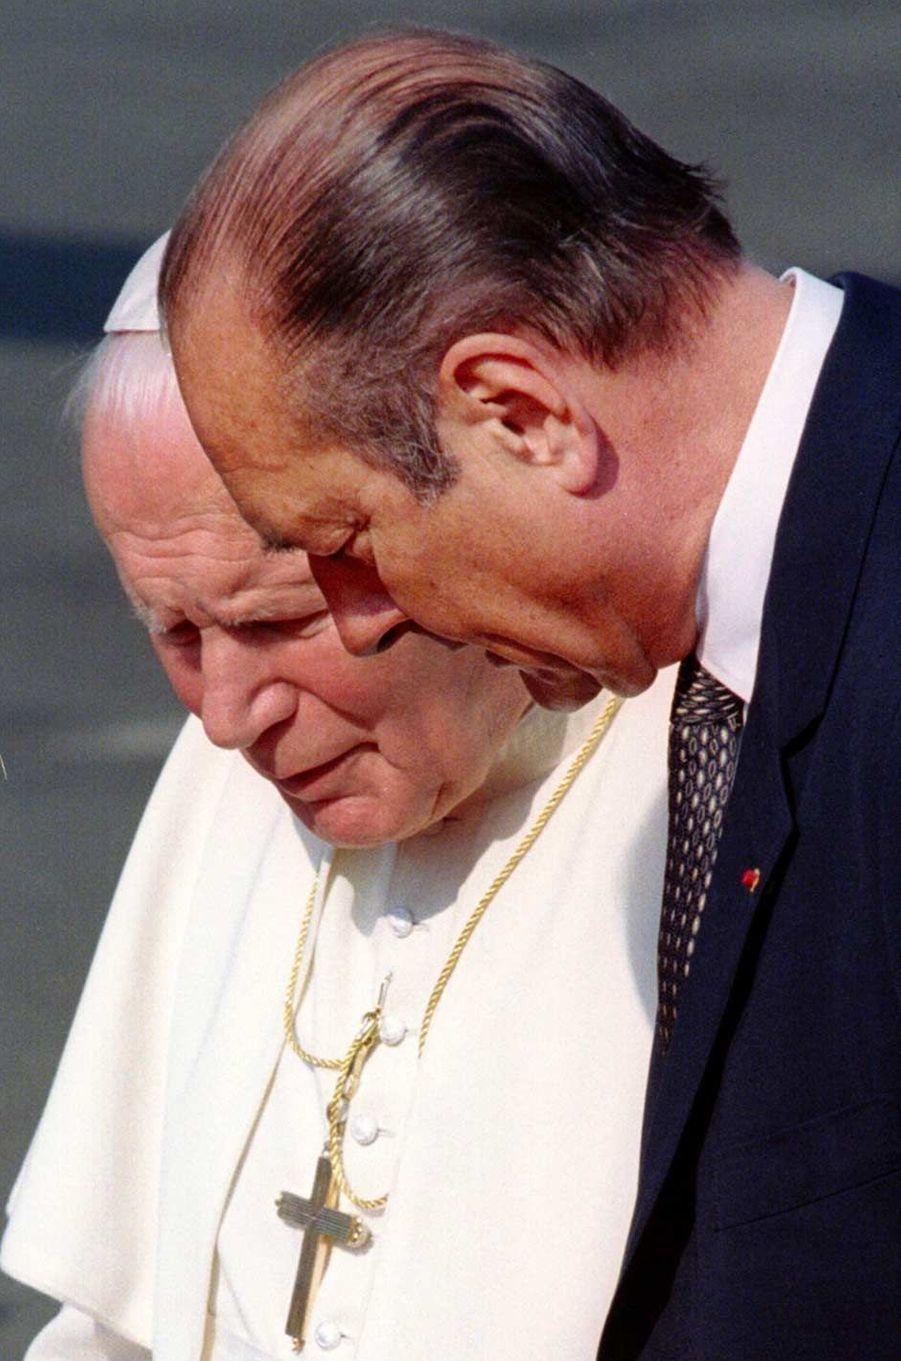 Jacques Chirac et le pape Jean Paul II à l'aéroport d'Orly, en août 1997.